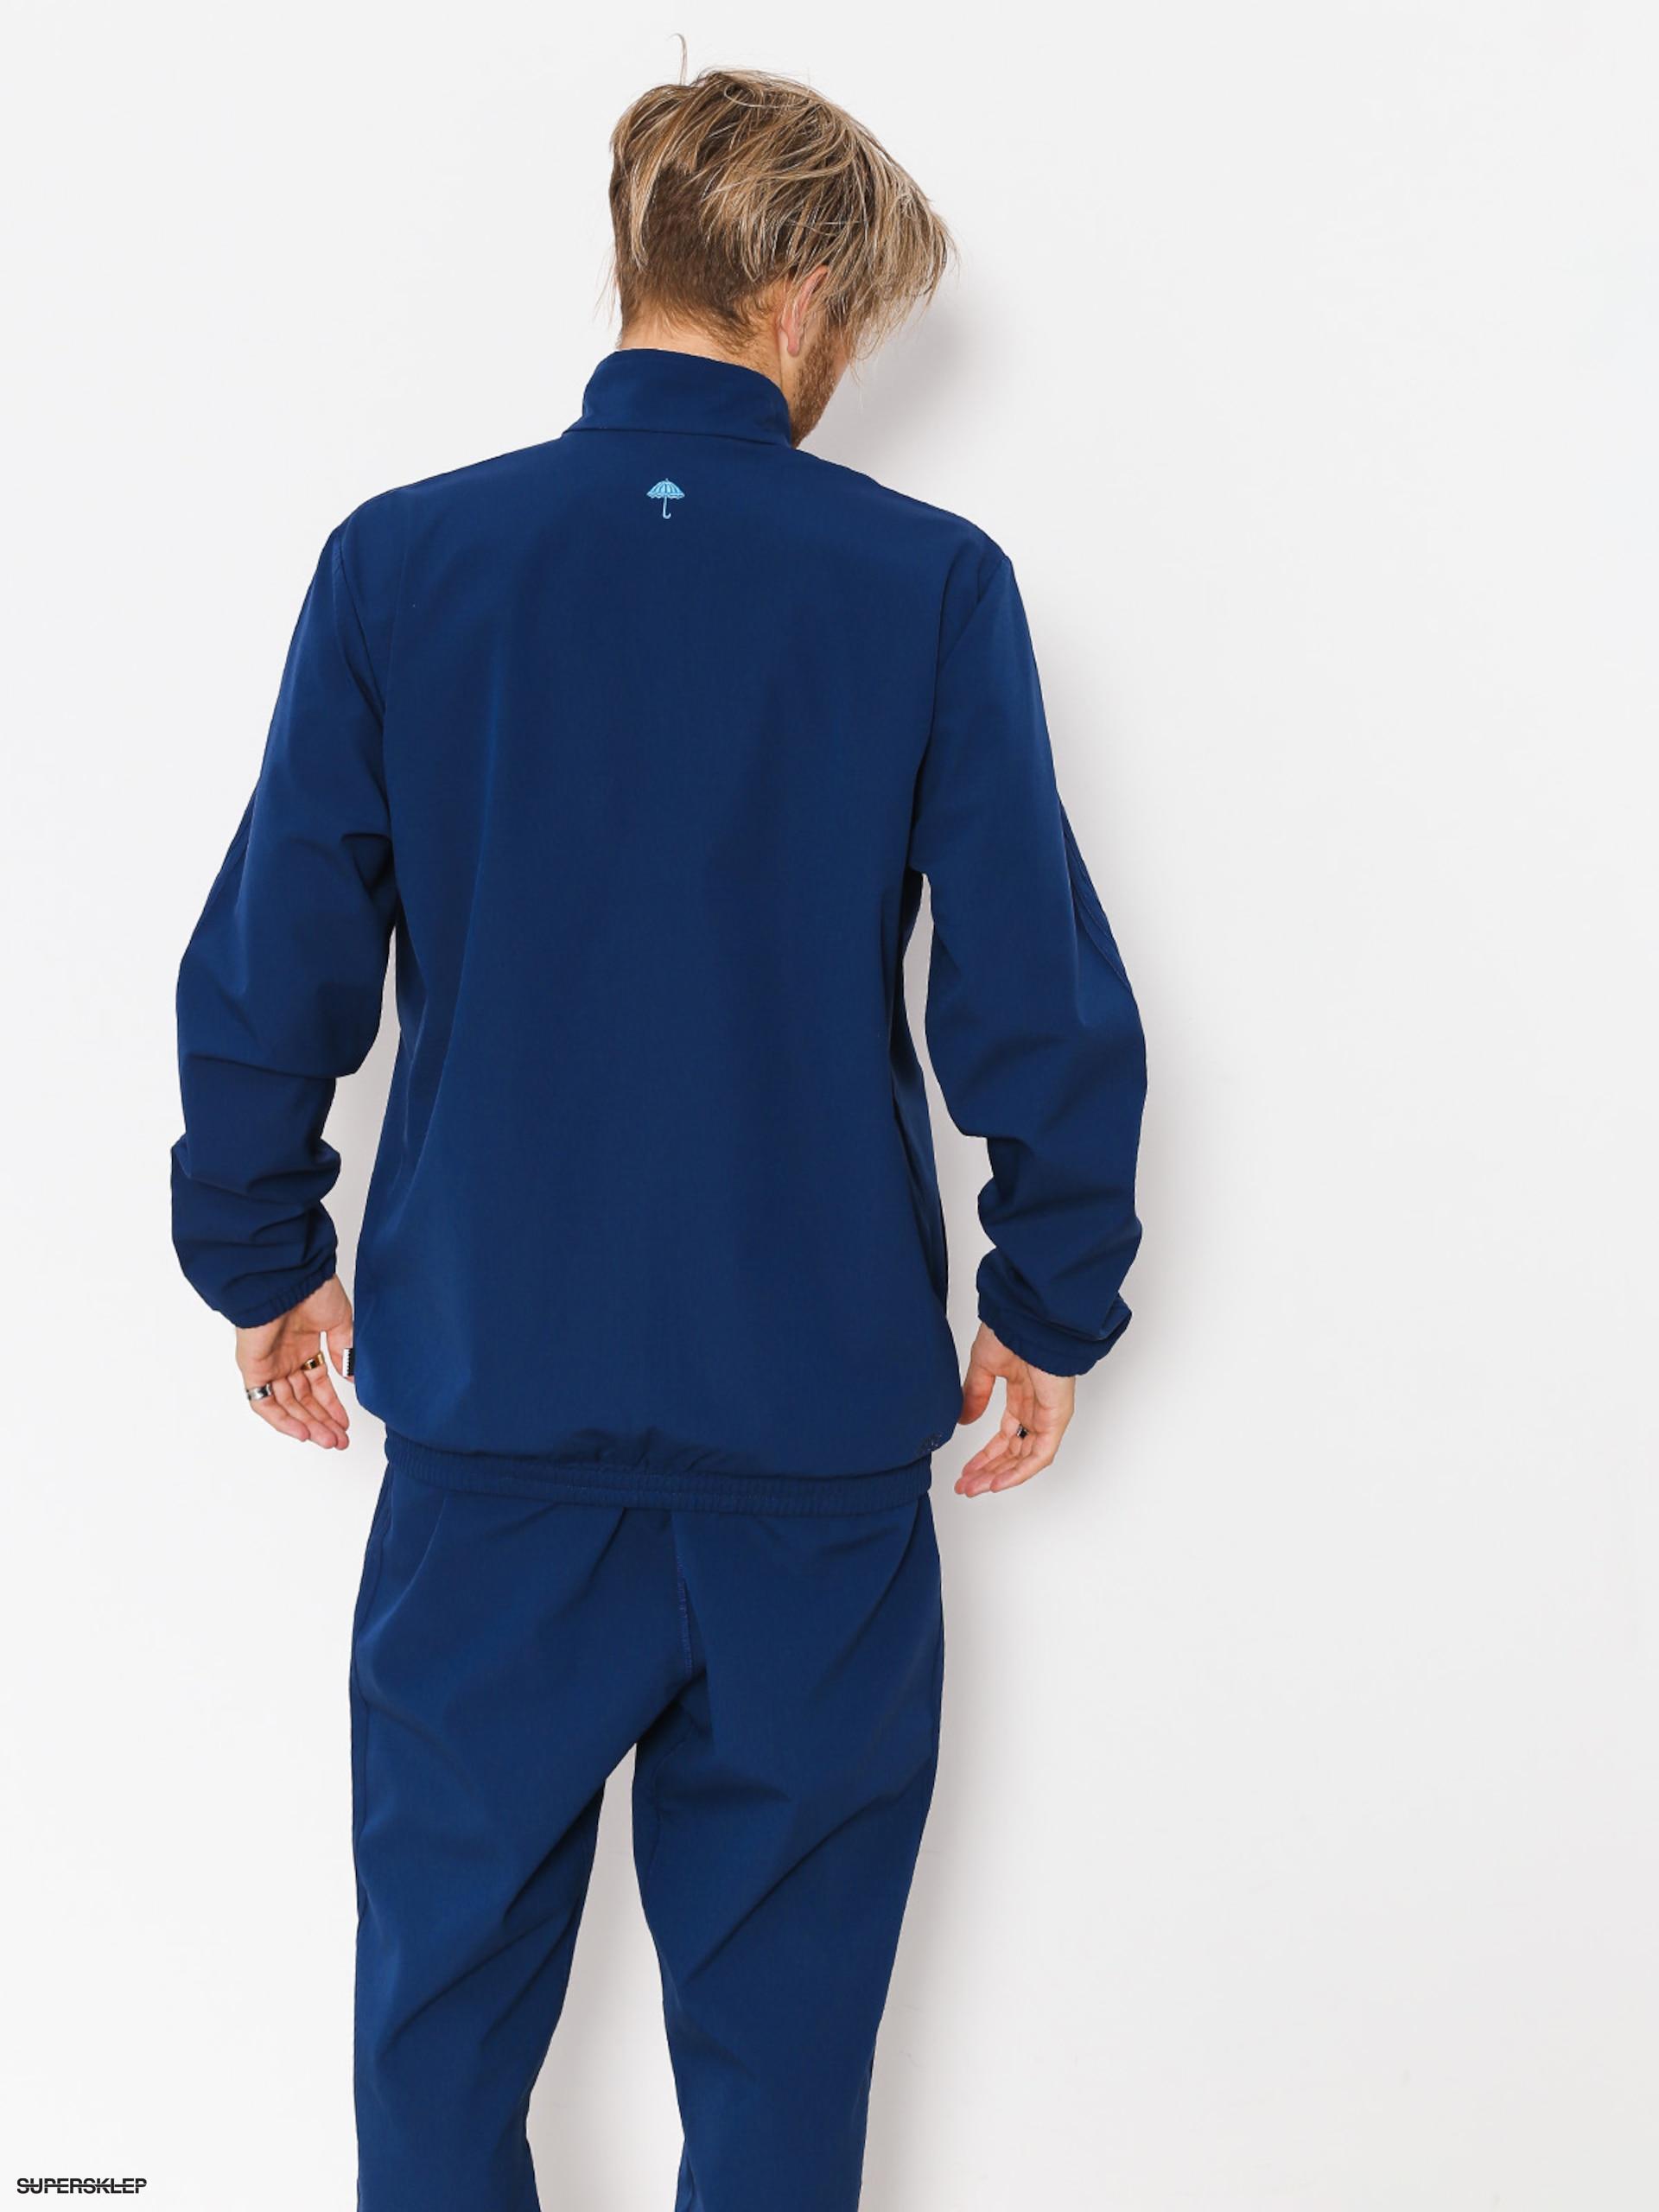 383dbfd3f2869 Bluza adidas Helas (dkblue)